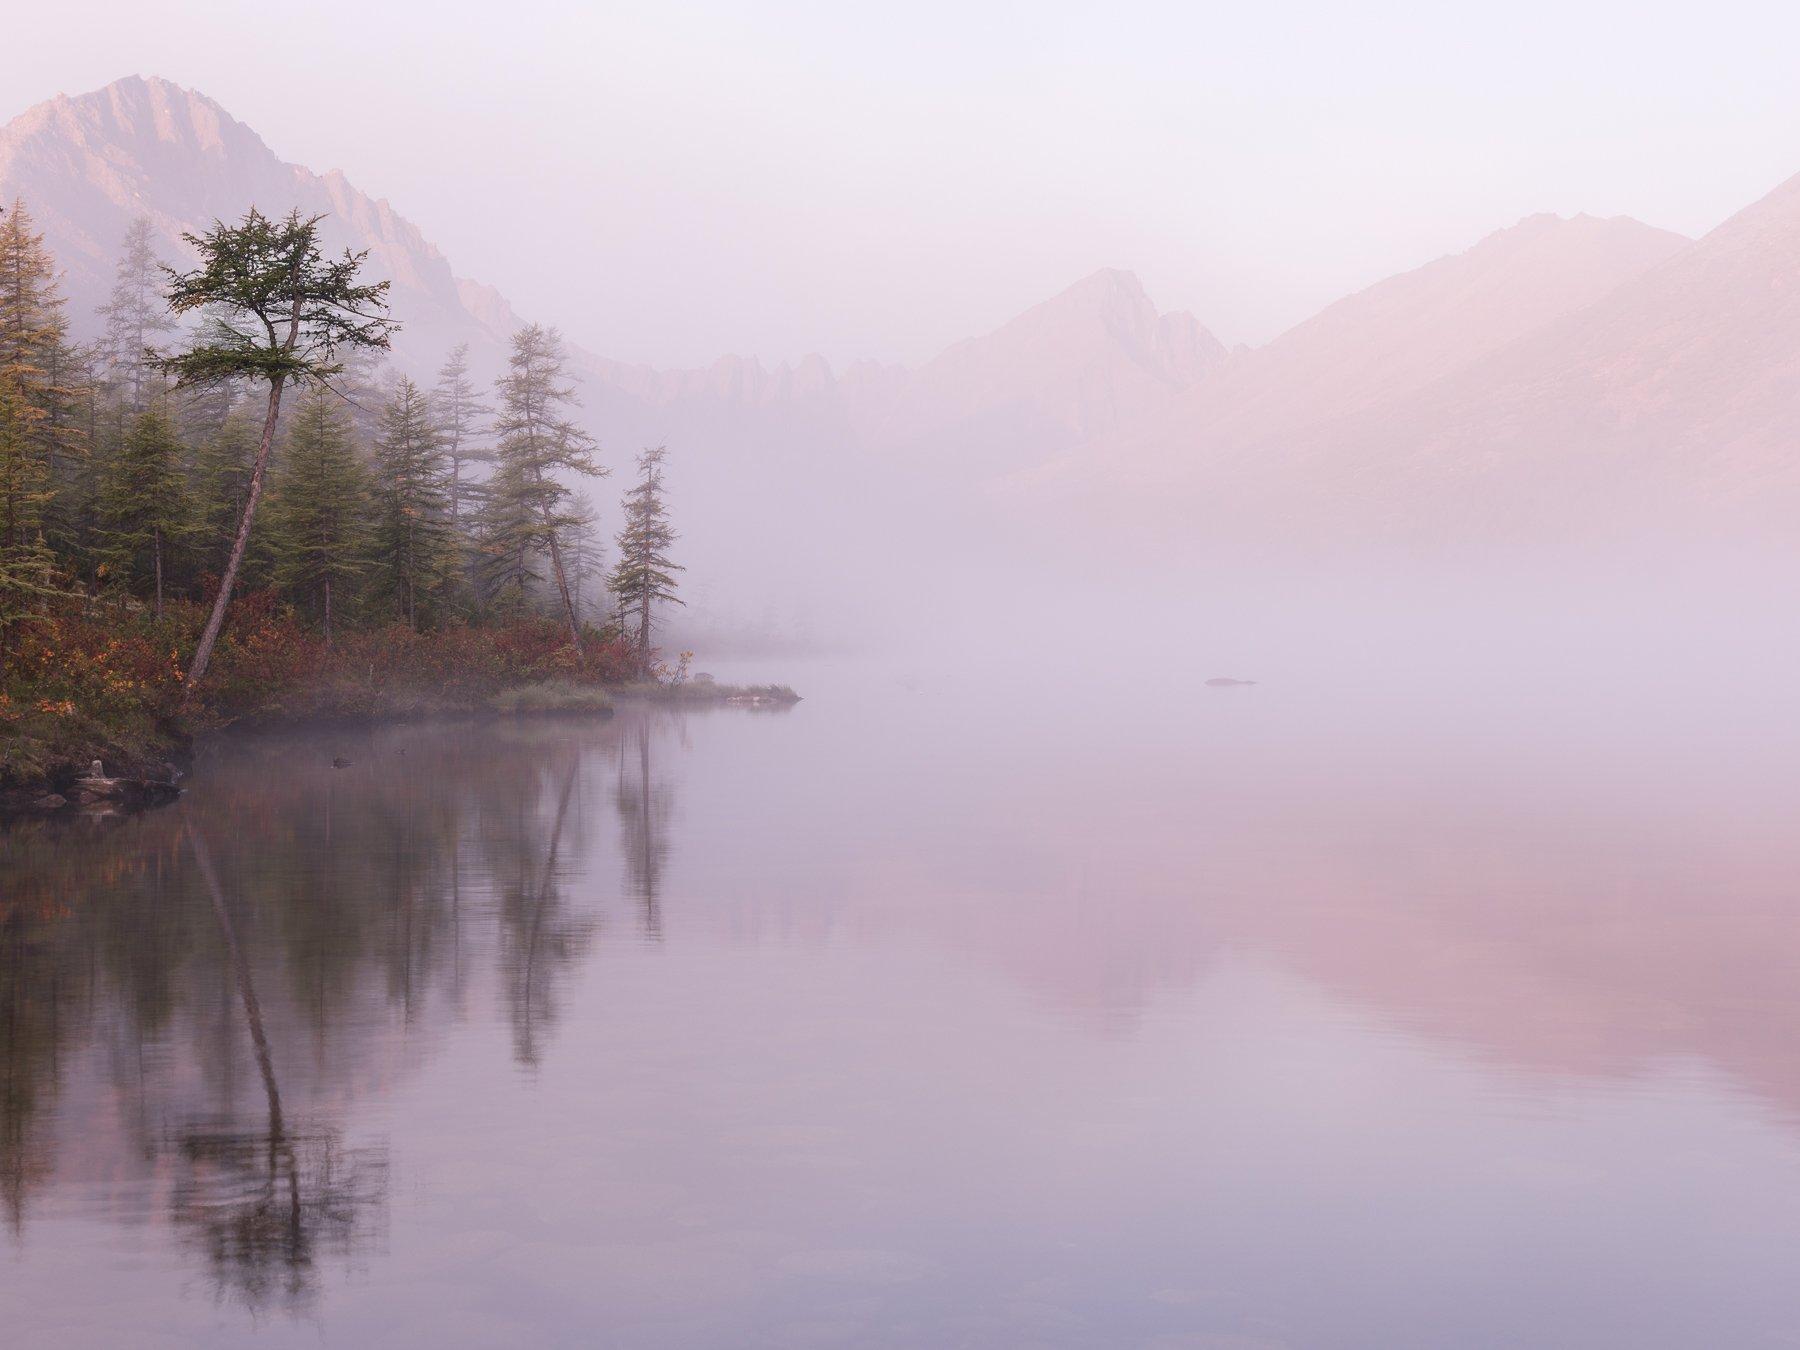 колыма, озеро джека лондона, осень, россия, рассвет, невидимка, Marina Malikova